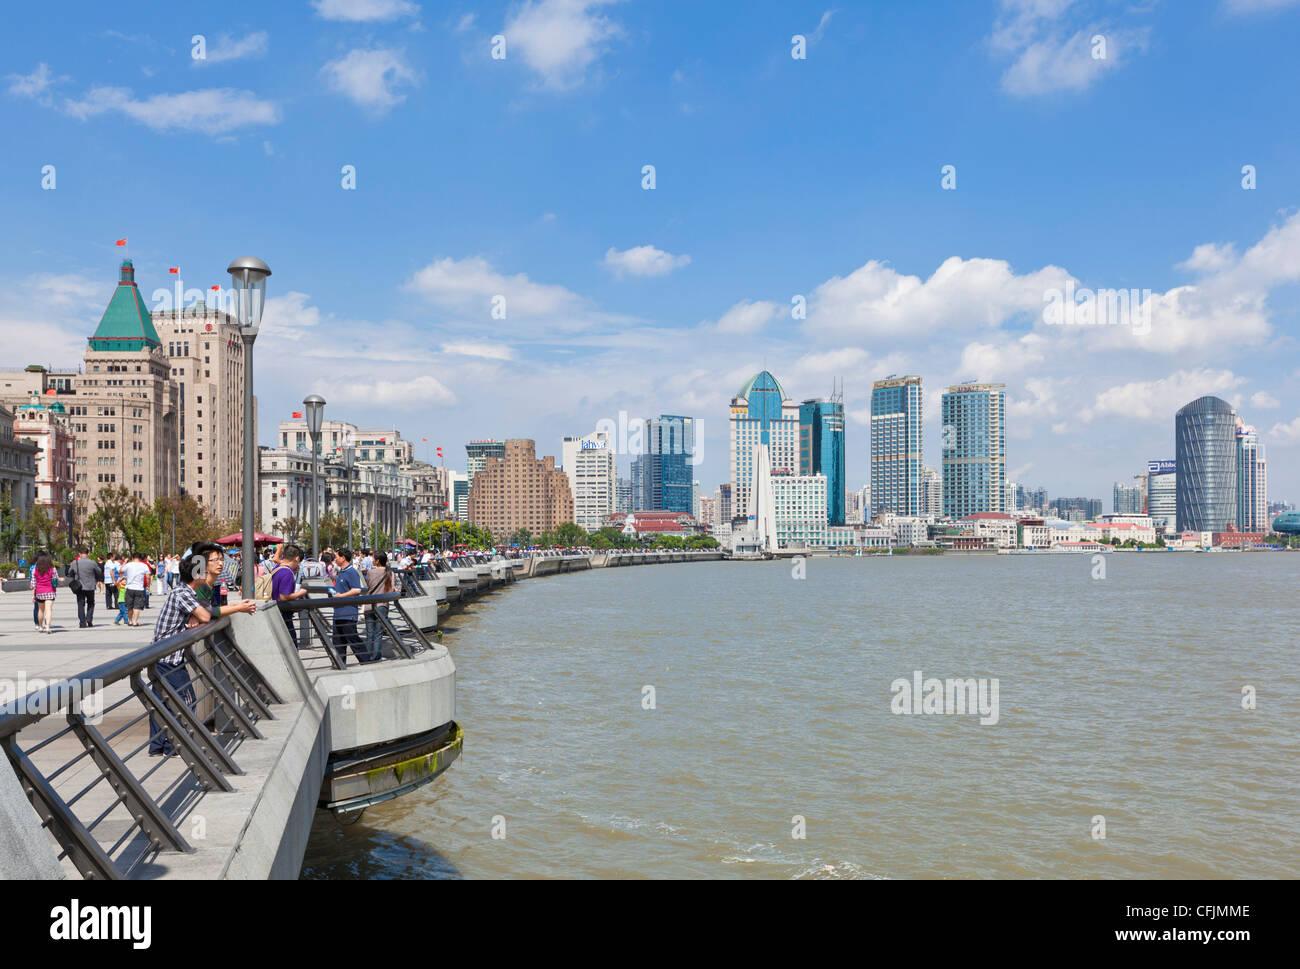 Il Bund gli edifici coloniali e sullo skyline, Fiume Huangpu, Shanghai, Cina e Asia Immagini Stock